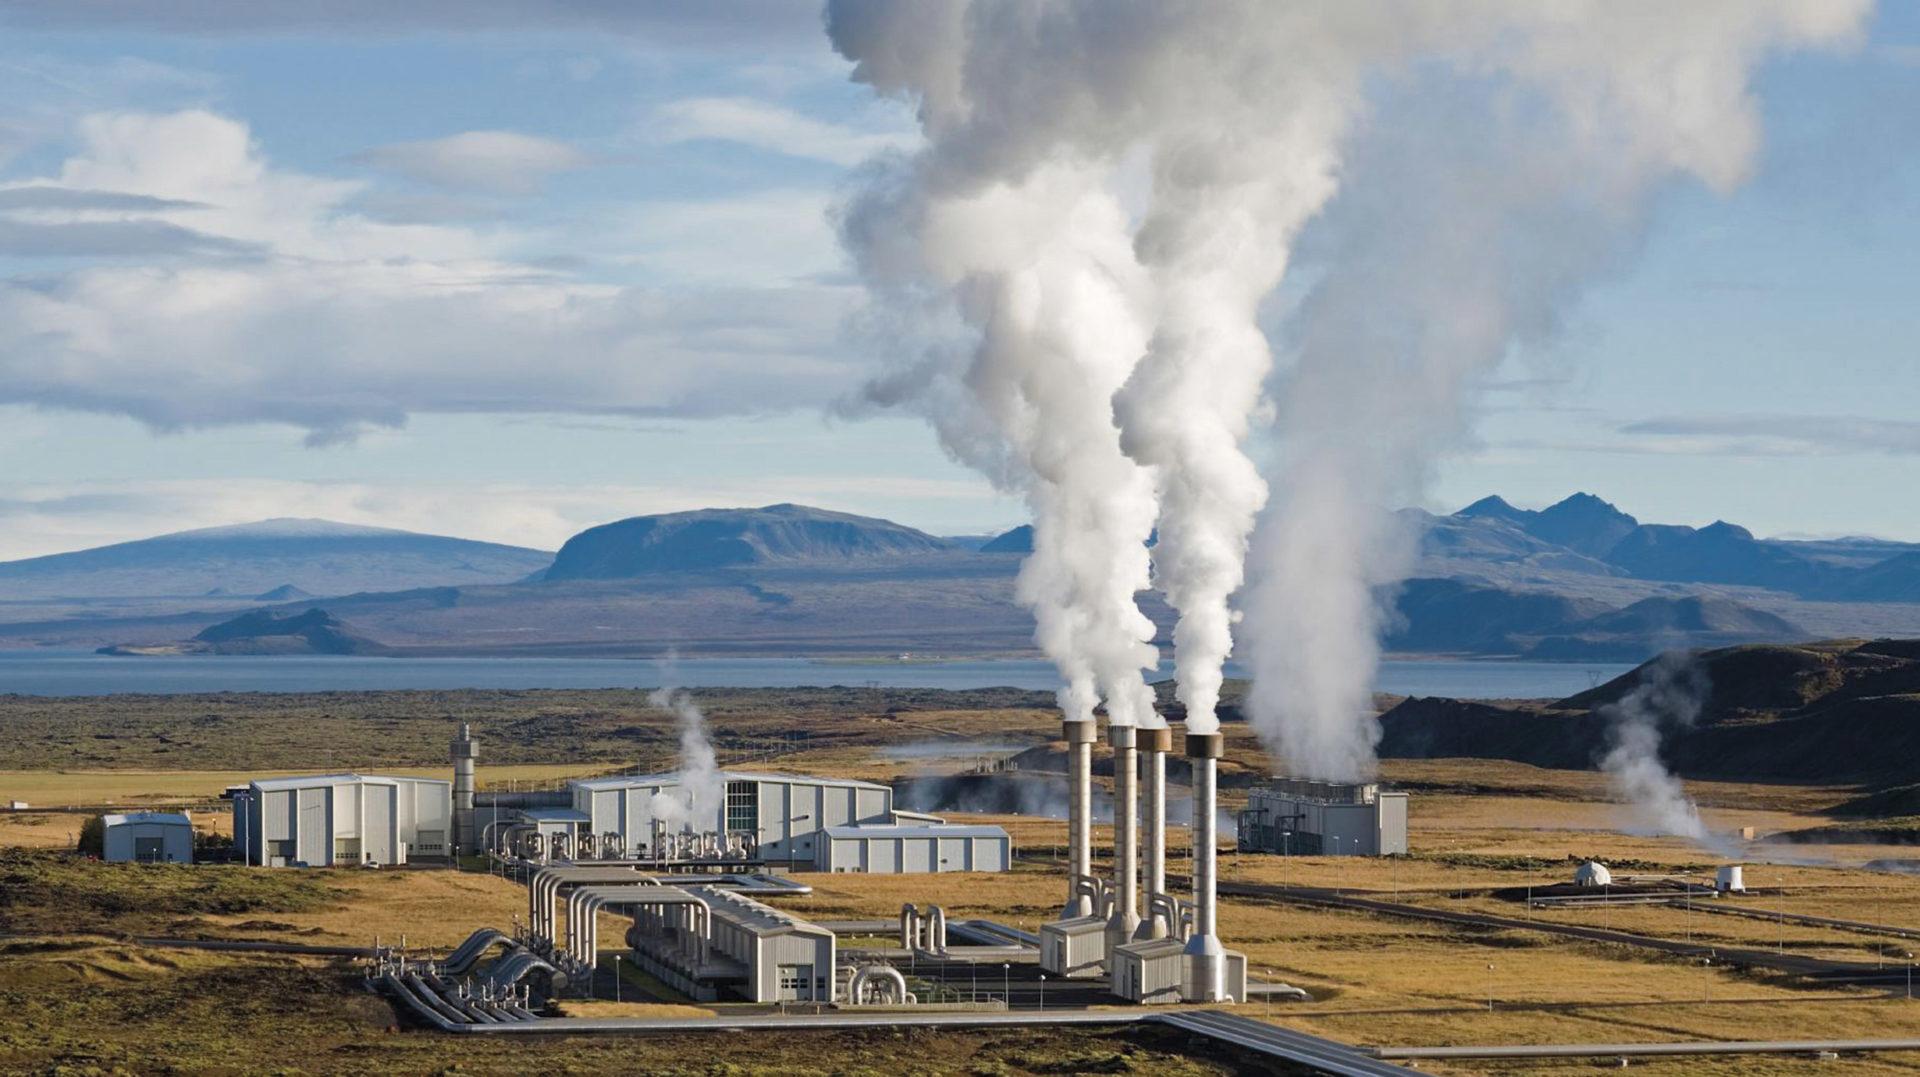 Davant del canvi climàtic, quin paper pot jugar l'energia nuclear?